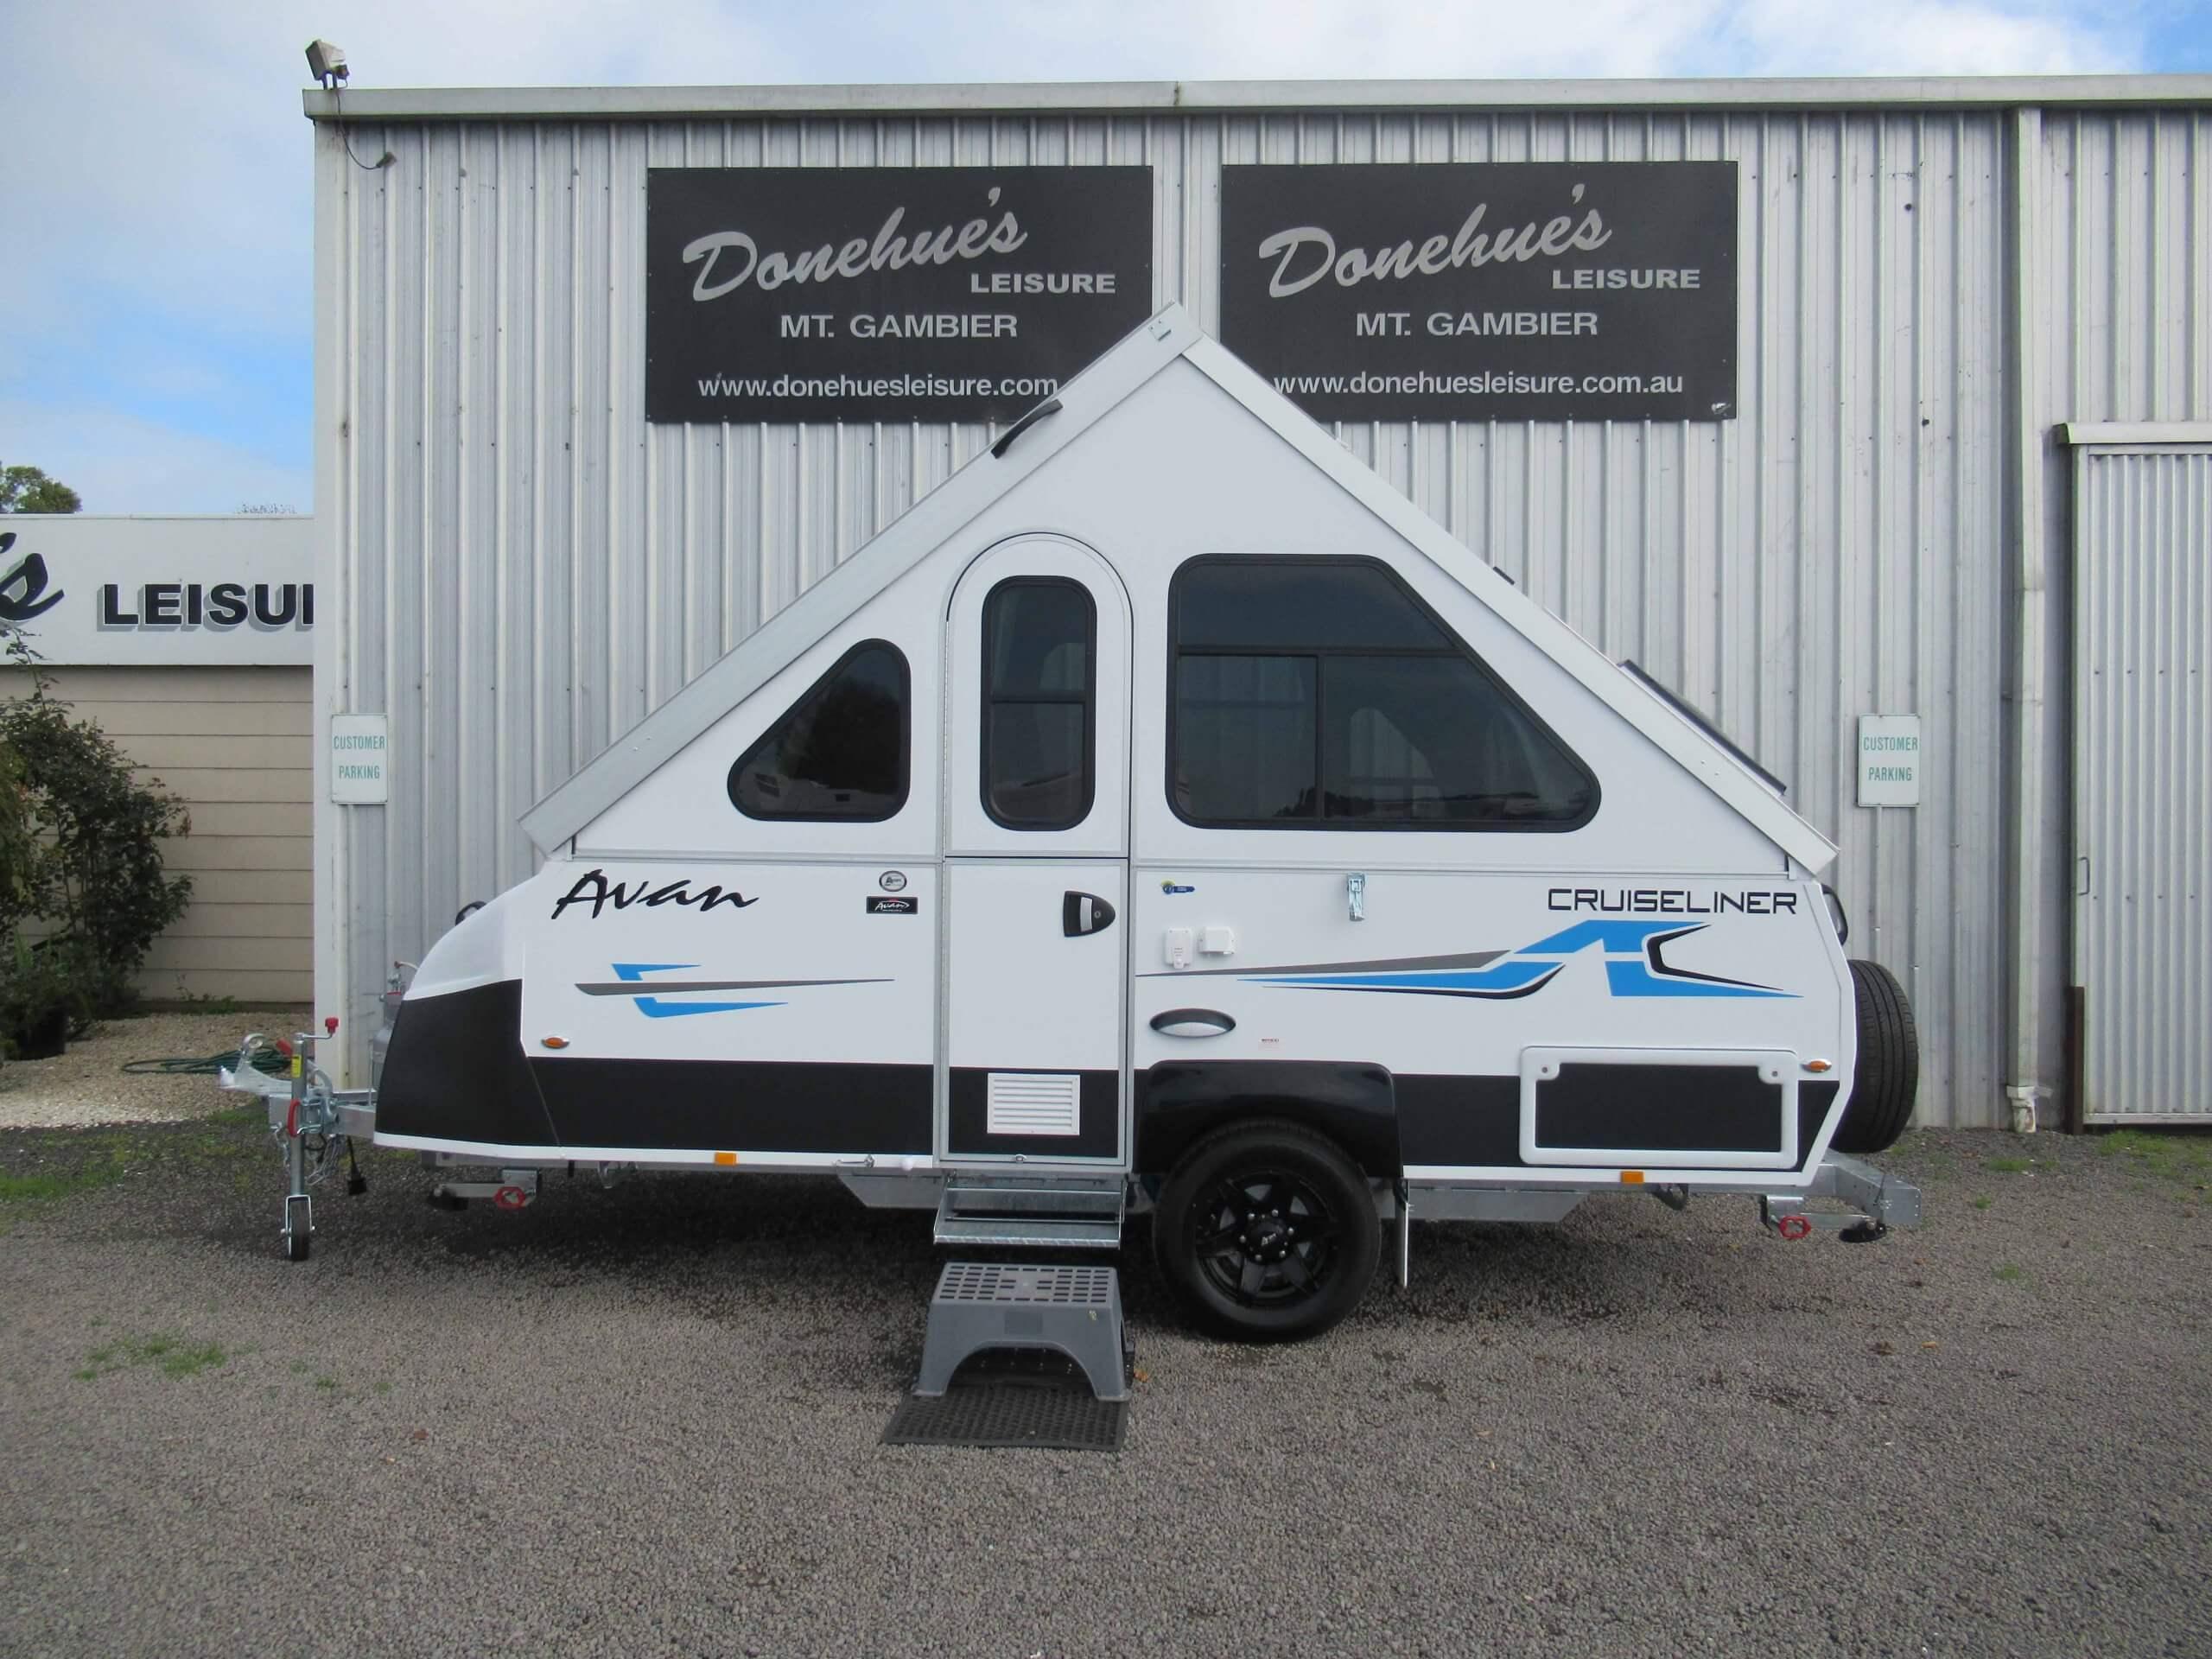 Donehues Leisure New Avan Cruiseliner Adventure Pack Camper Caravan Mt Gambier 12352